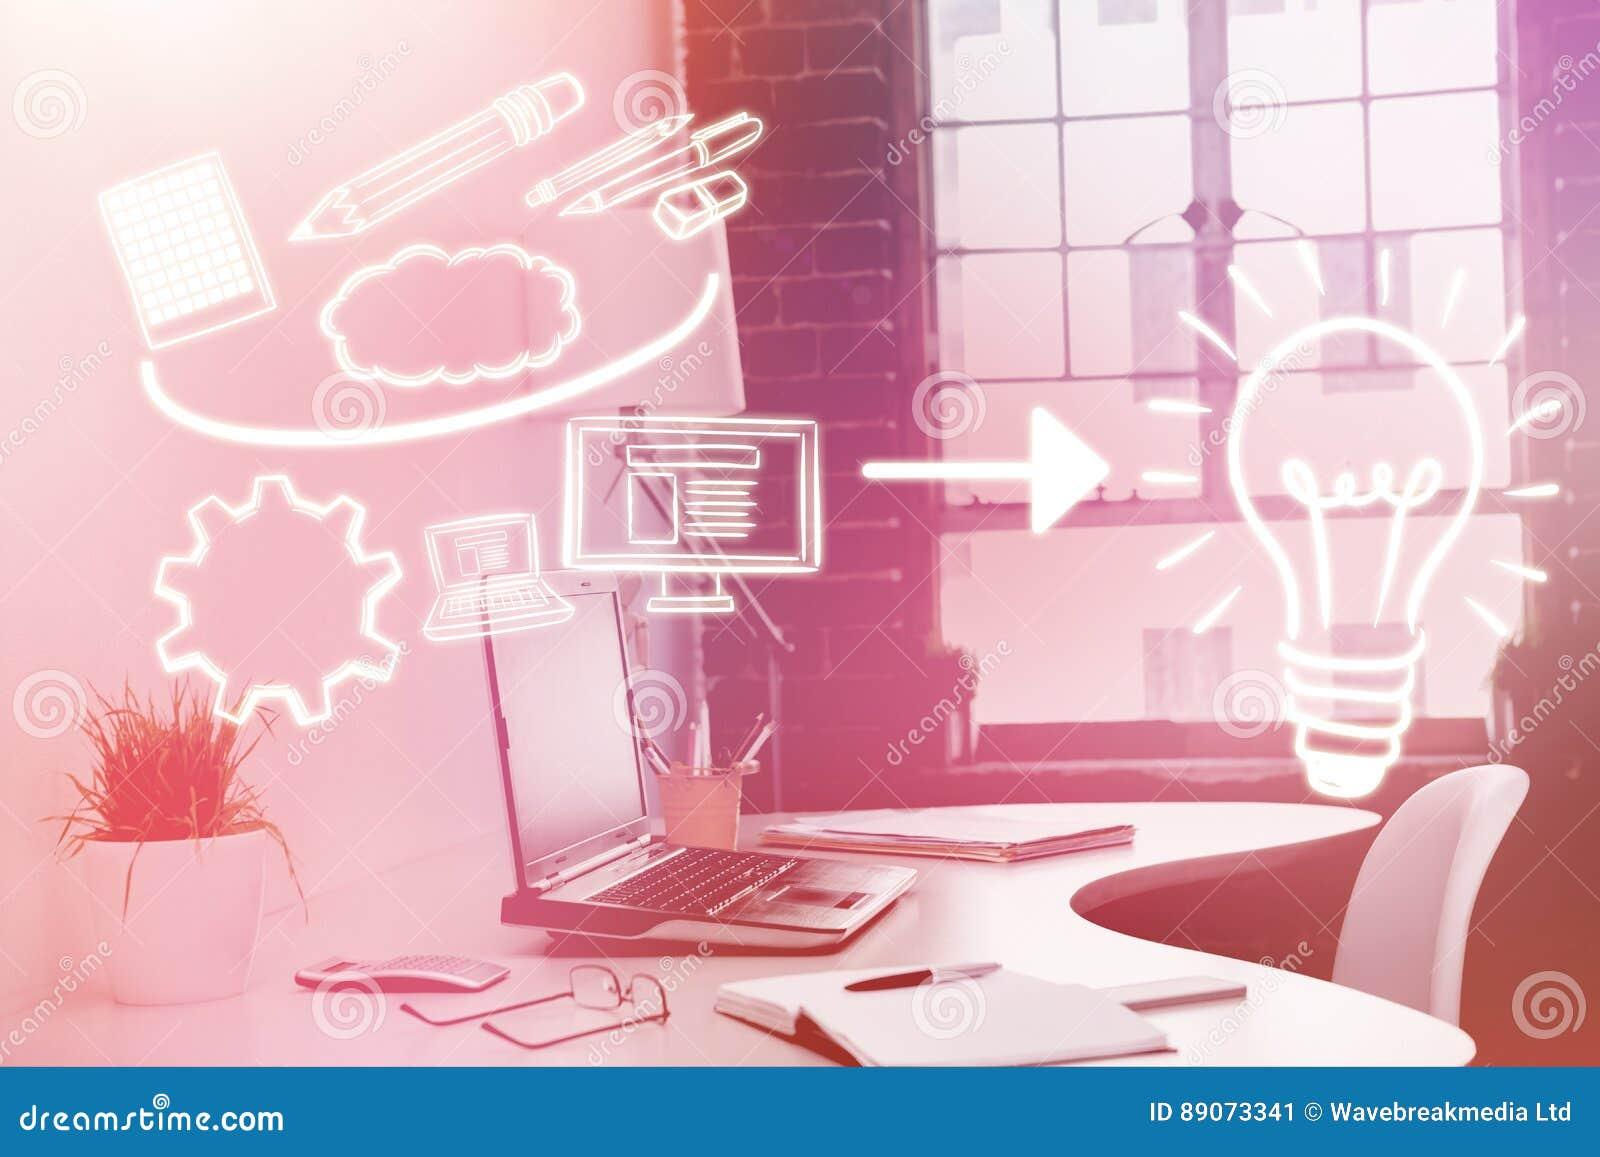 Imagem composta da imagem composta dos ícones do computador que apontam para a ampola 3d